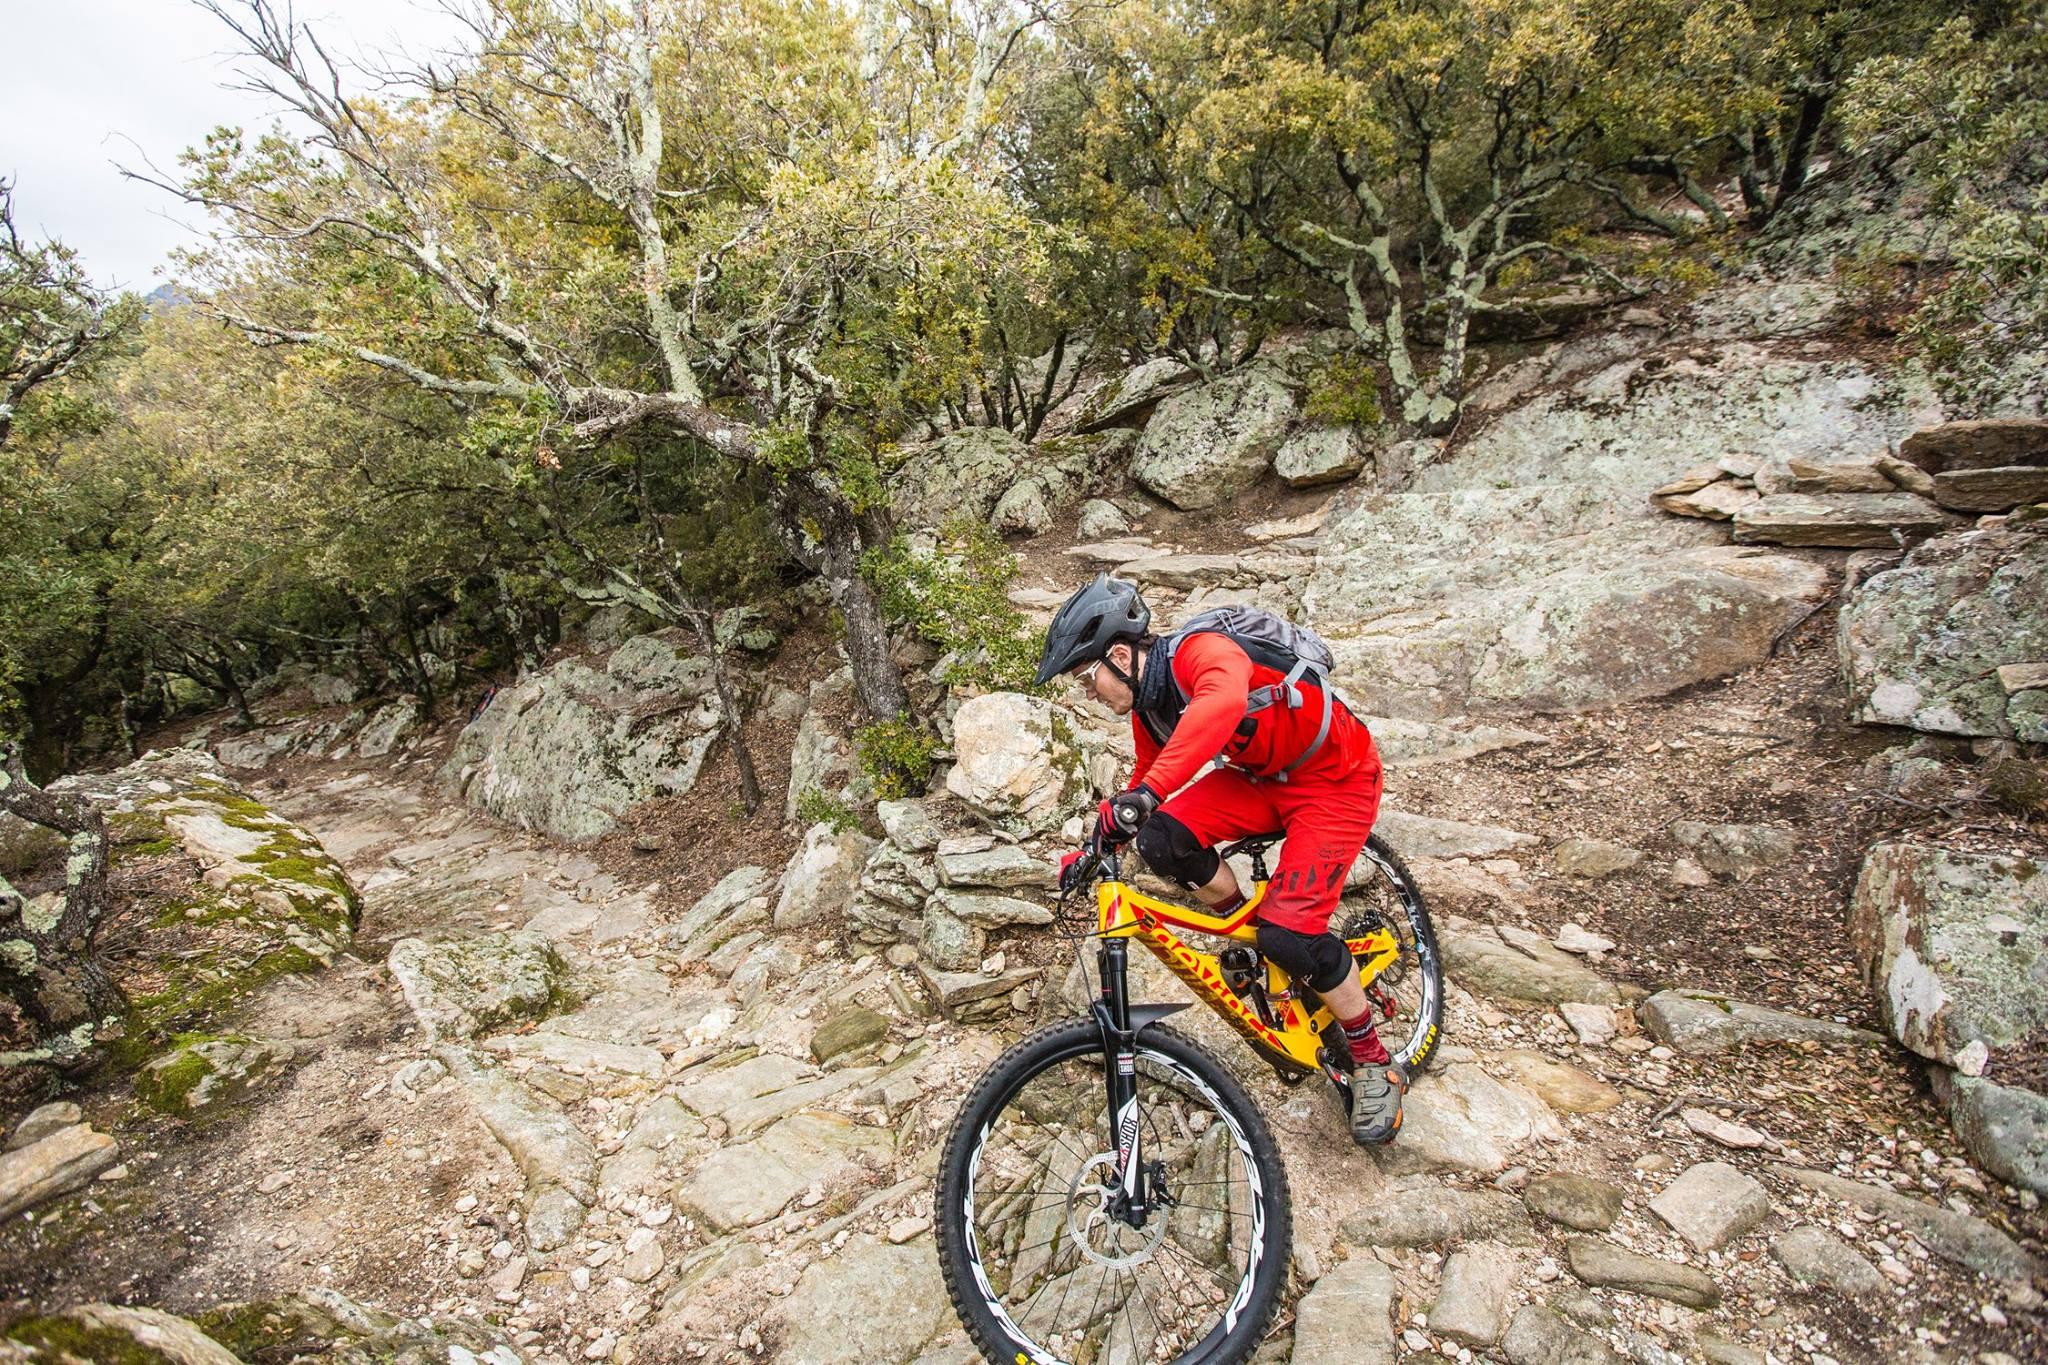 Een man mountainbiked over een romeins pad naar beneden. Overal liggen rotsen in dit bos.